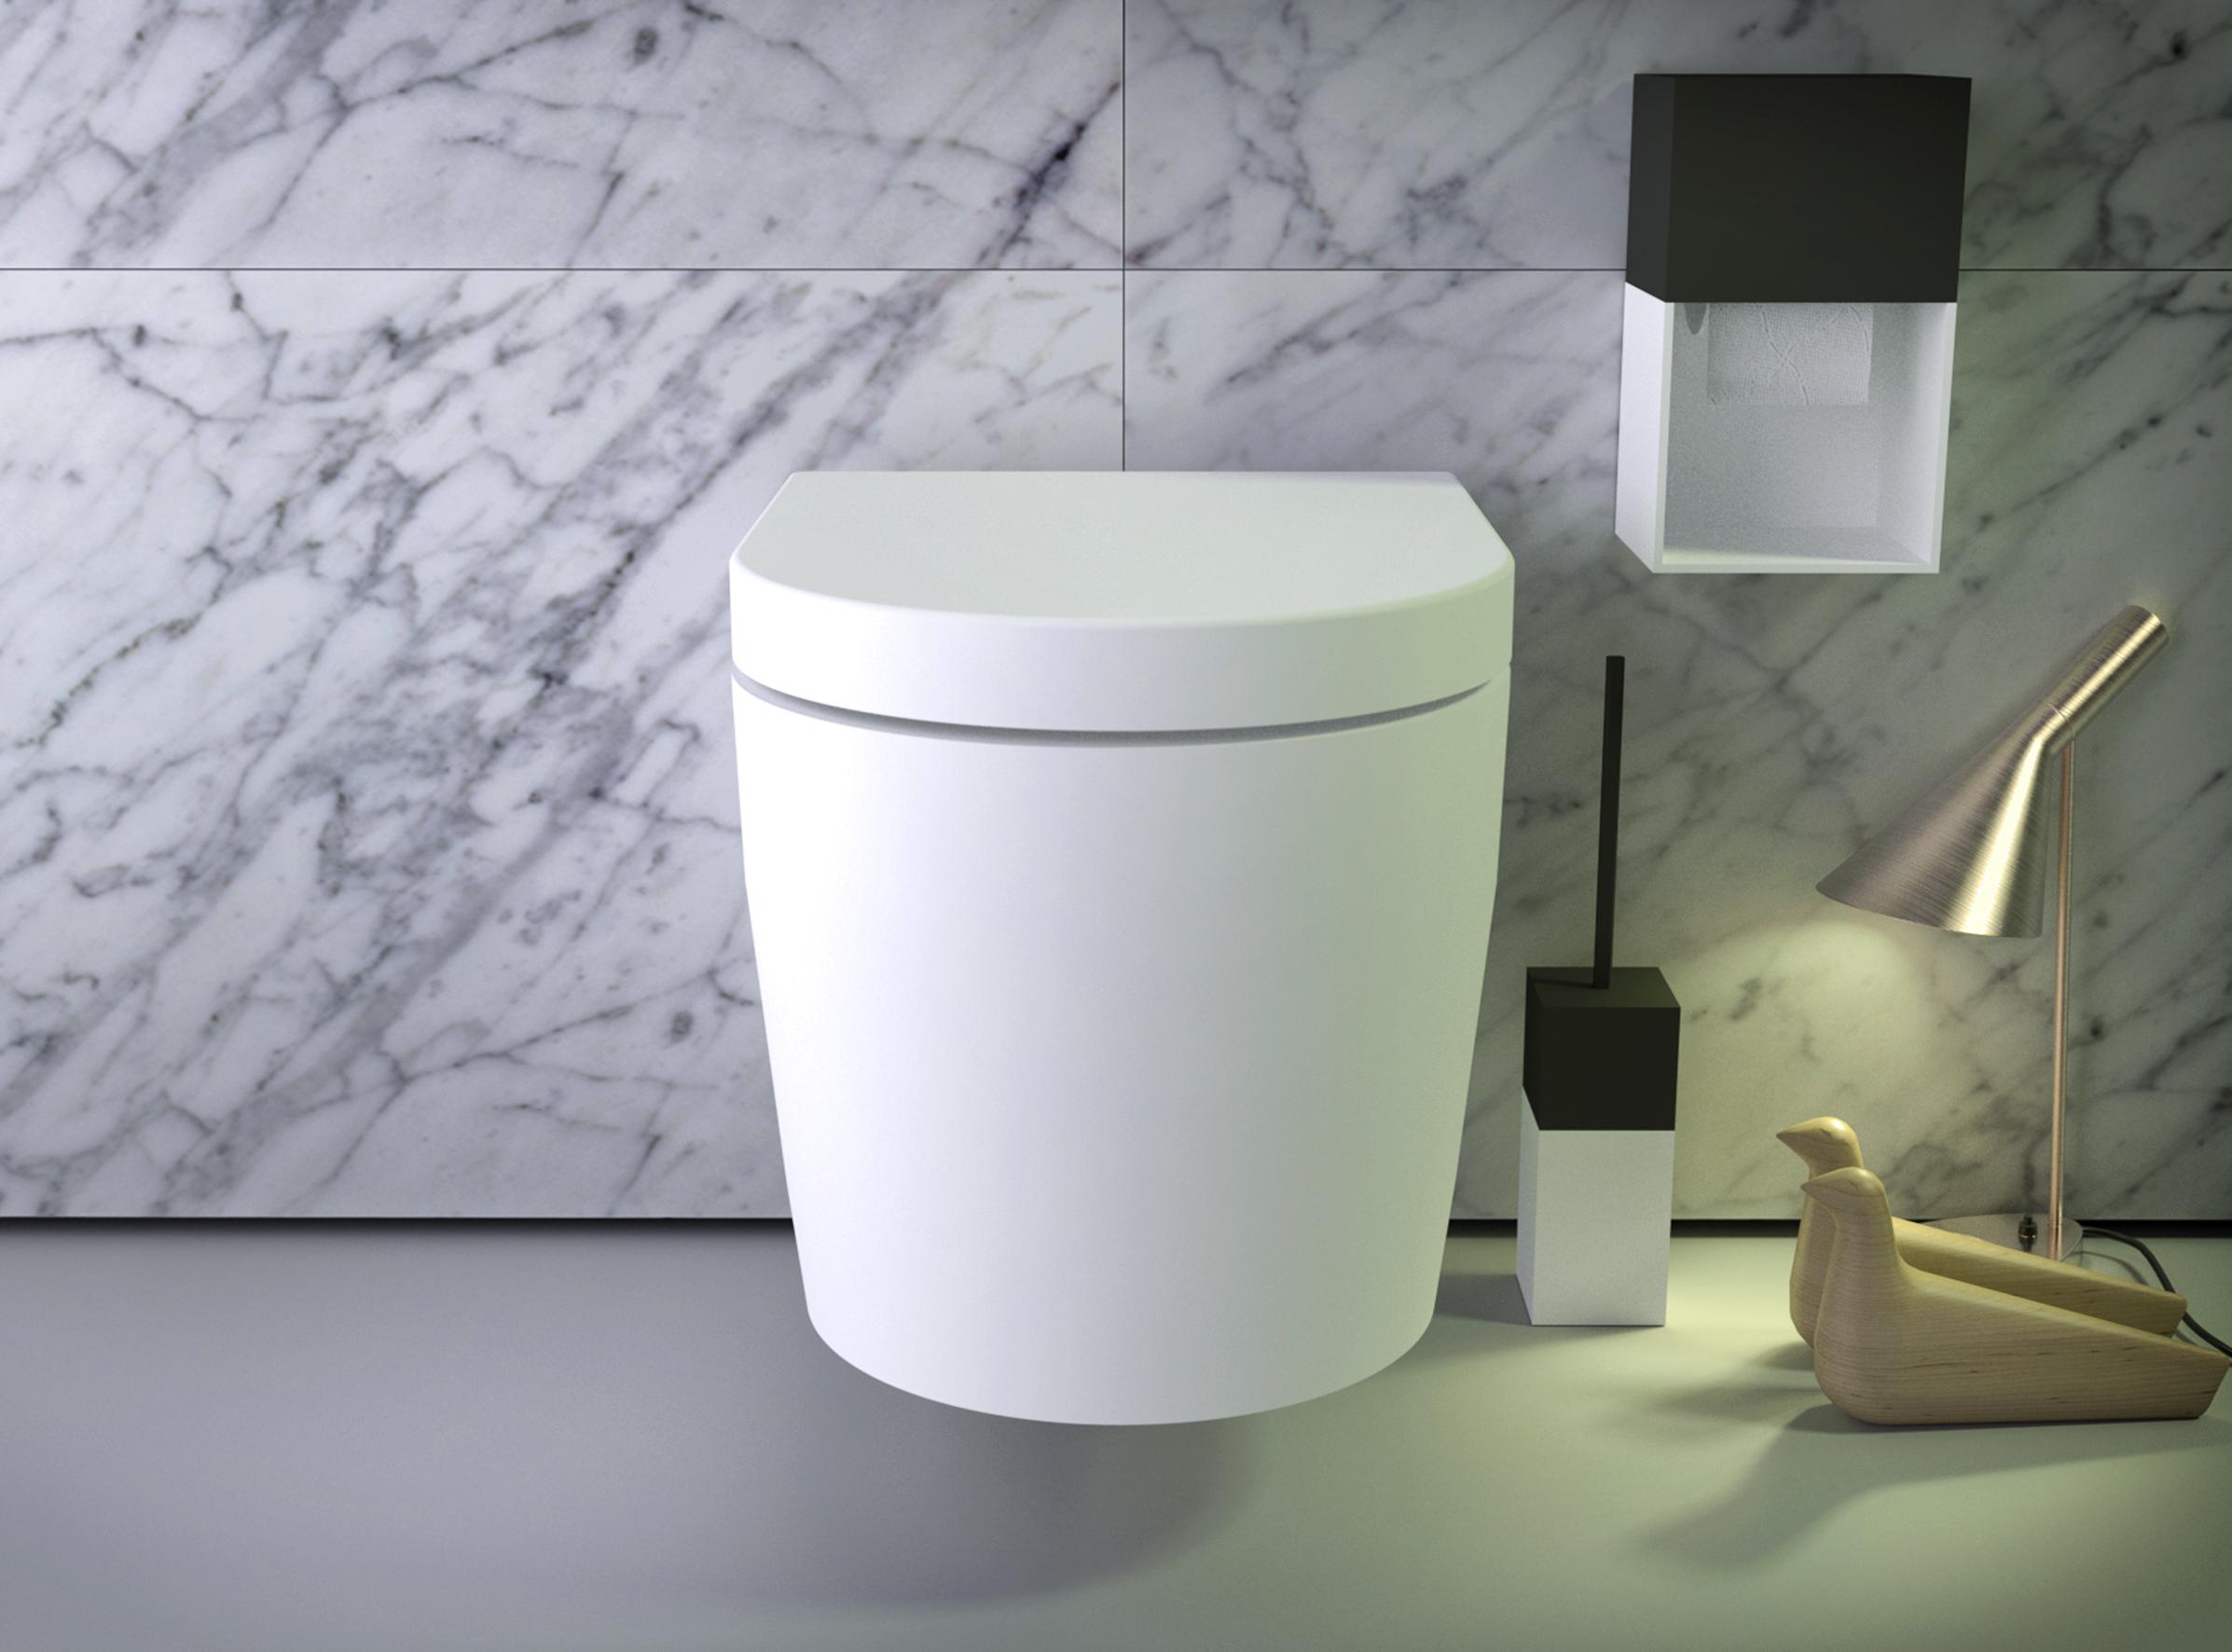 Держатель для туалетной бумаги в стиле модерн